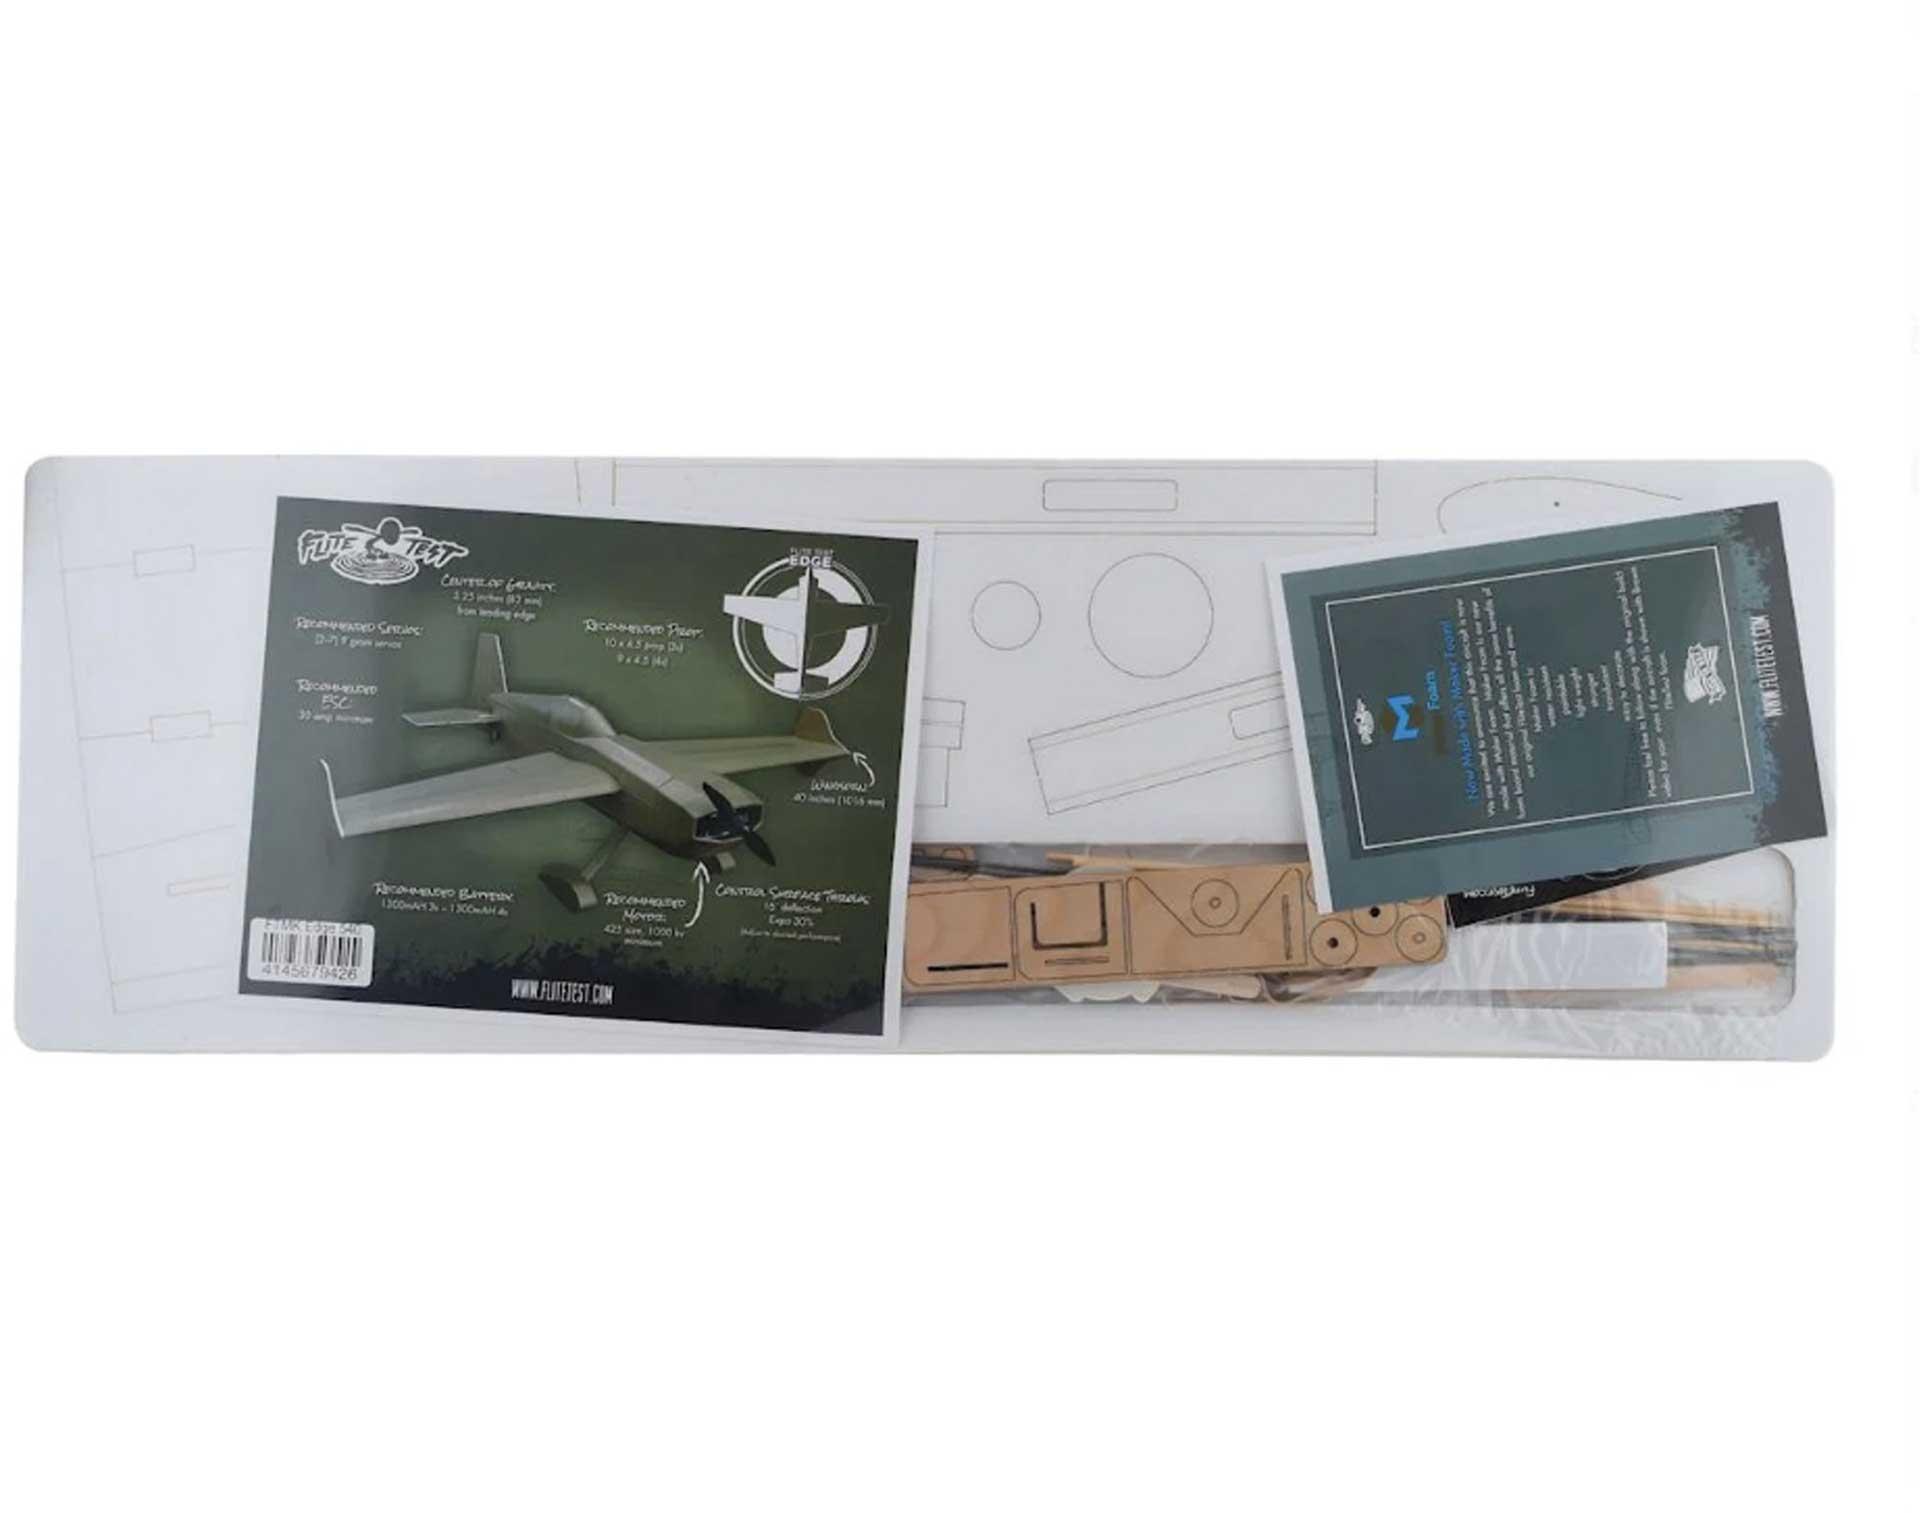 FLITE TEST Edge 540 Kit Maker Foam